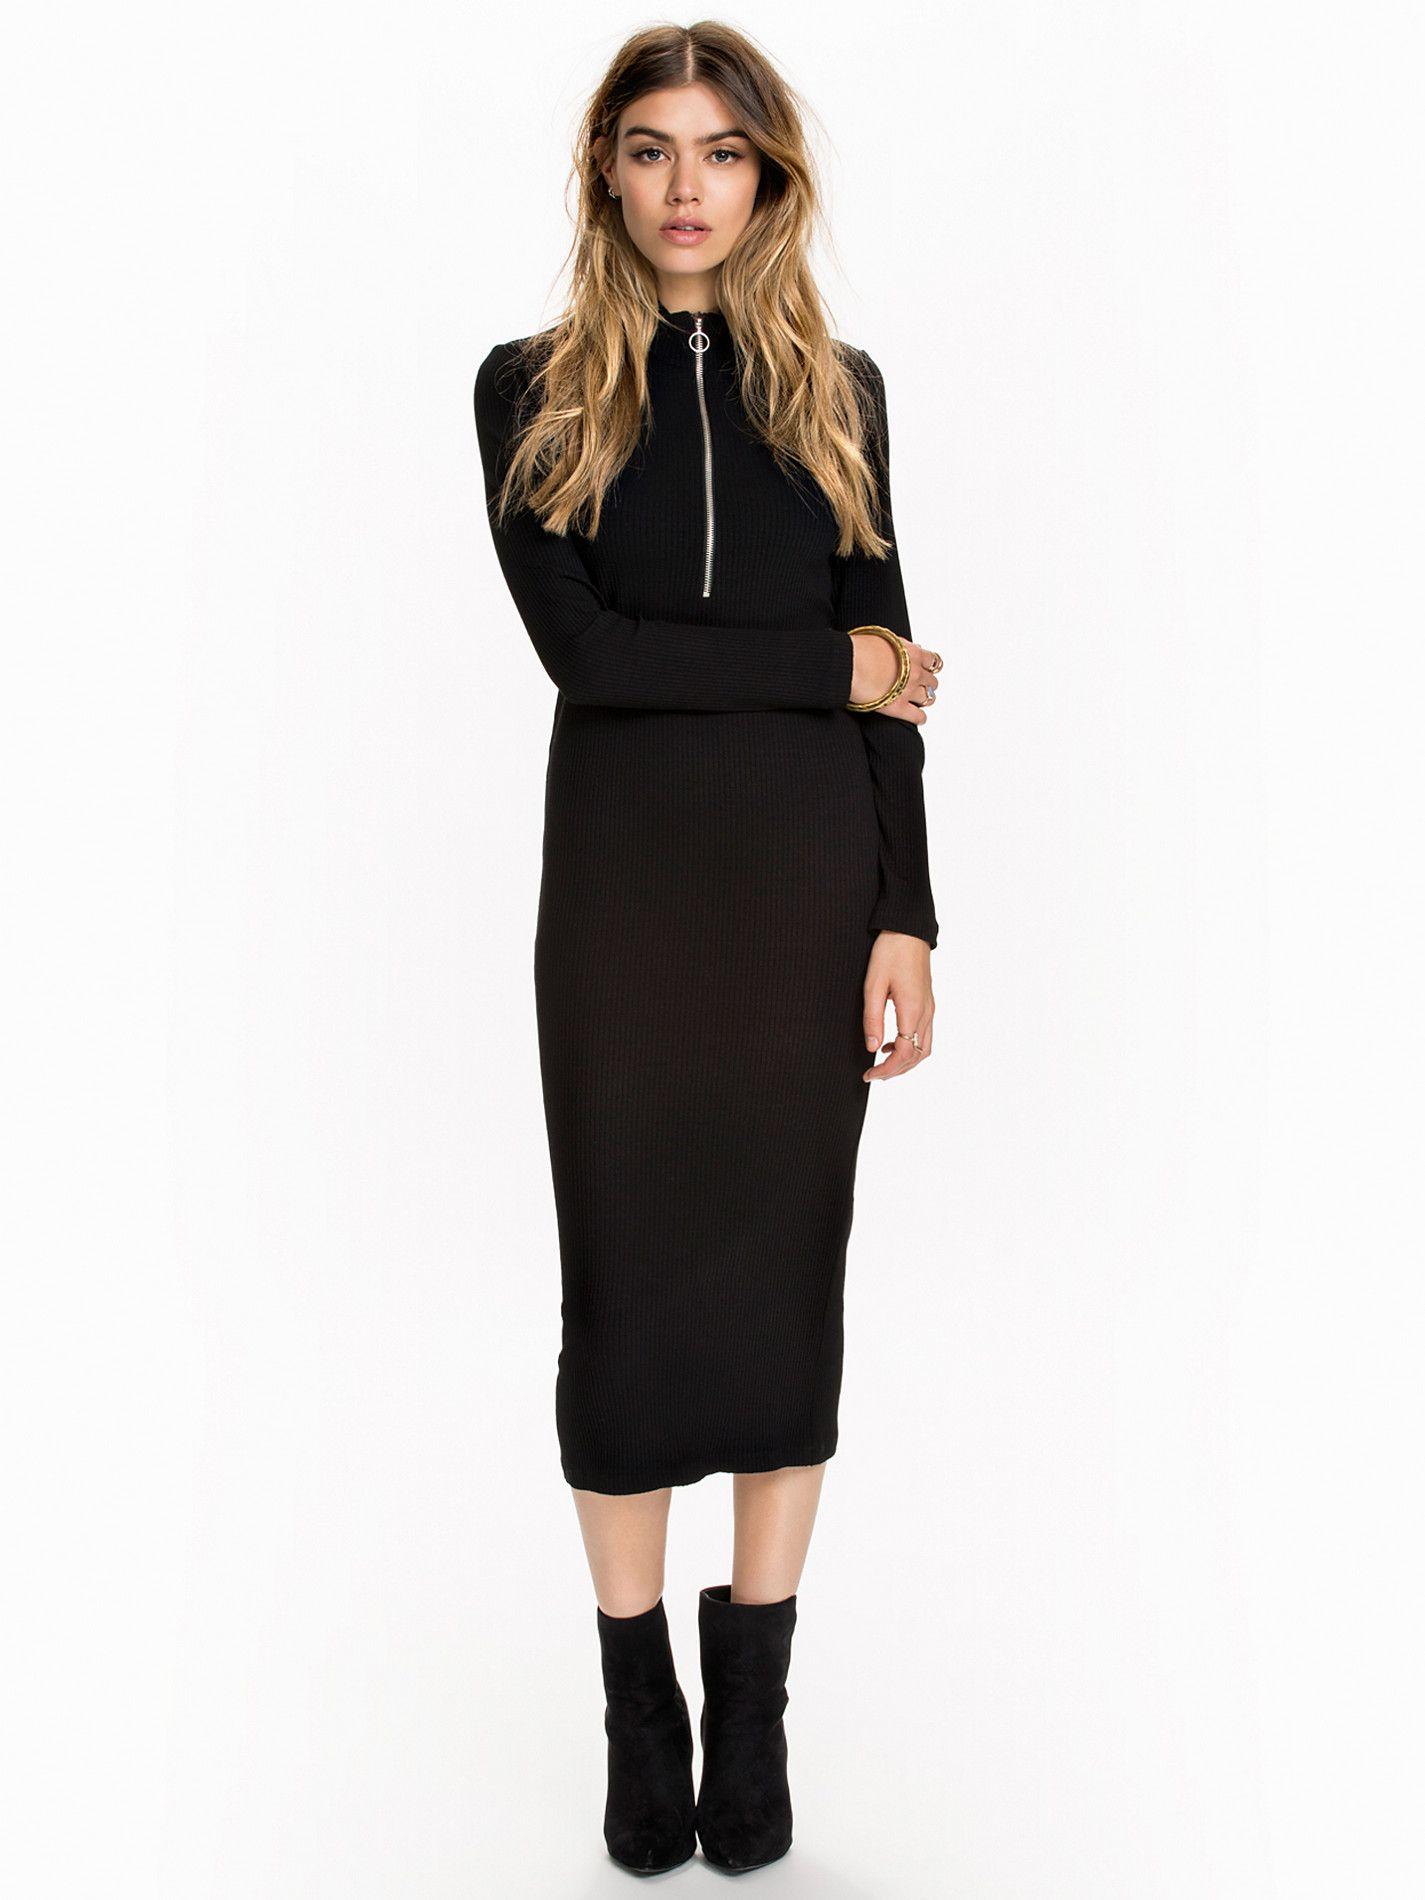 d4c9a2a1 Turtleneck Zip Dress - Nly Design - Svart - Festkjoler - Klær - Kvinne -  Nelly